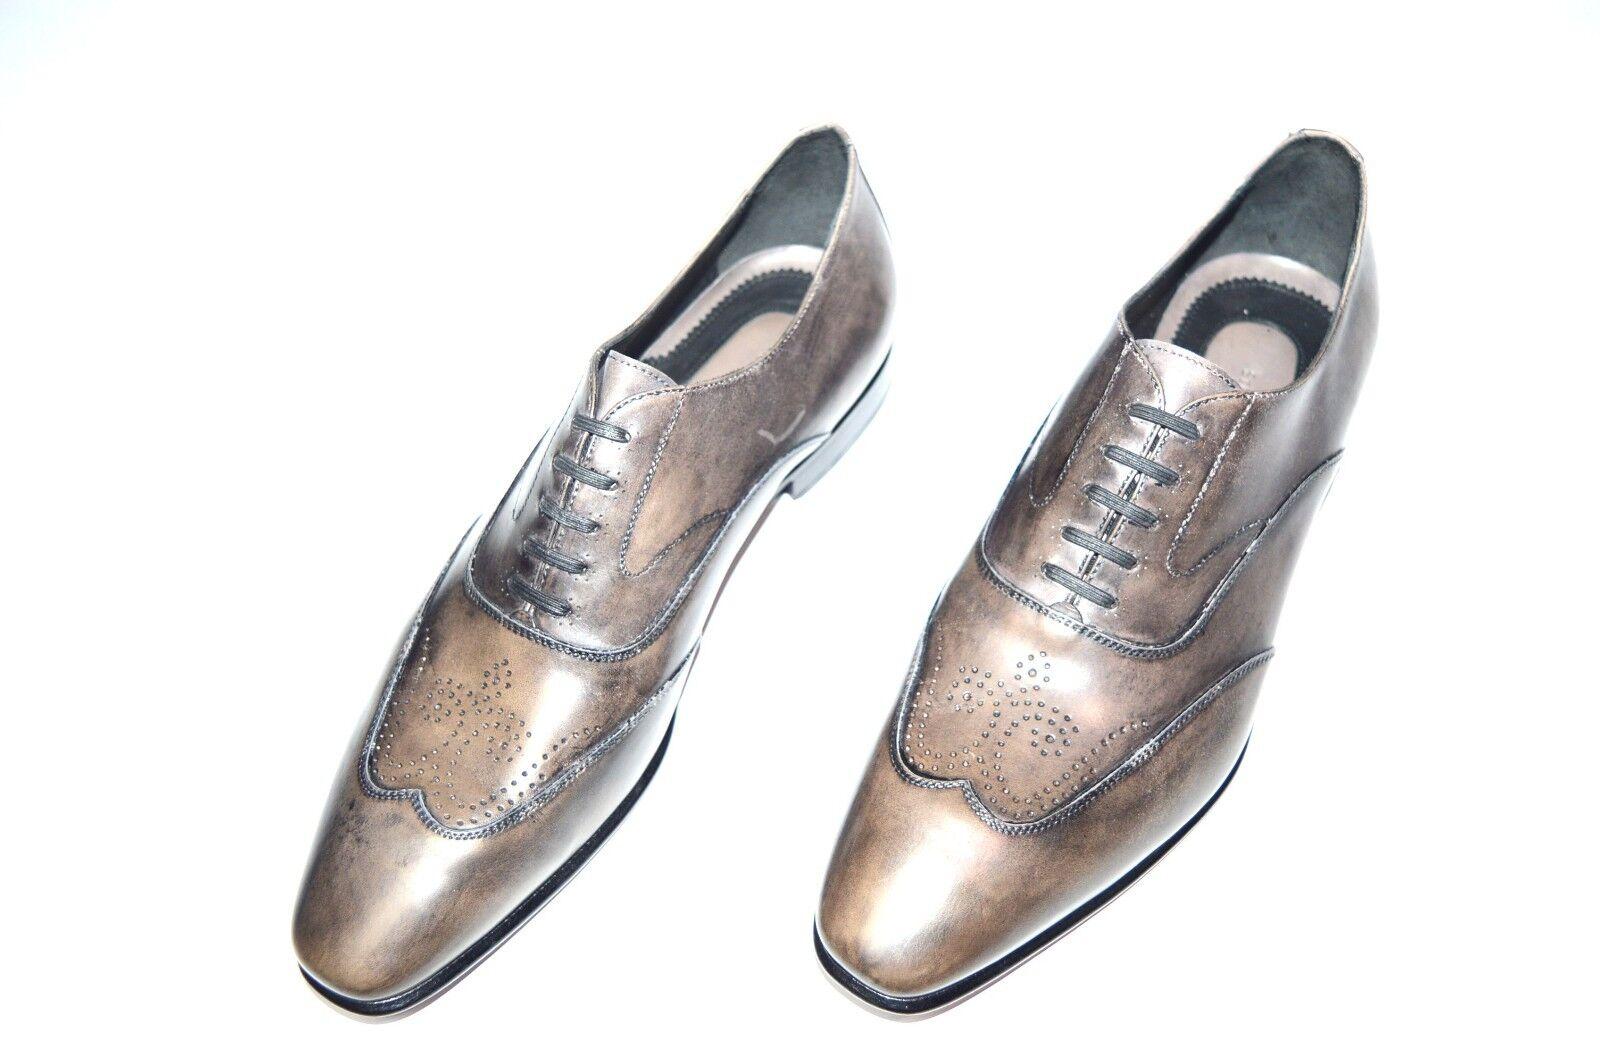 NEW  STEFANO RICCI   Shoes Size Eu 43 Uk 9  Us 10 (Cod Q33)